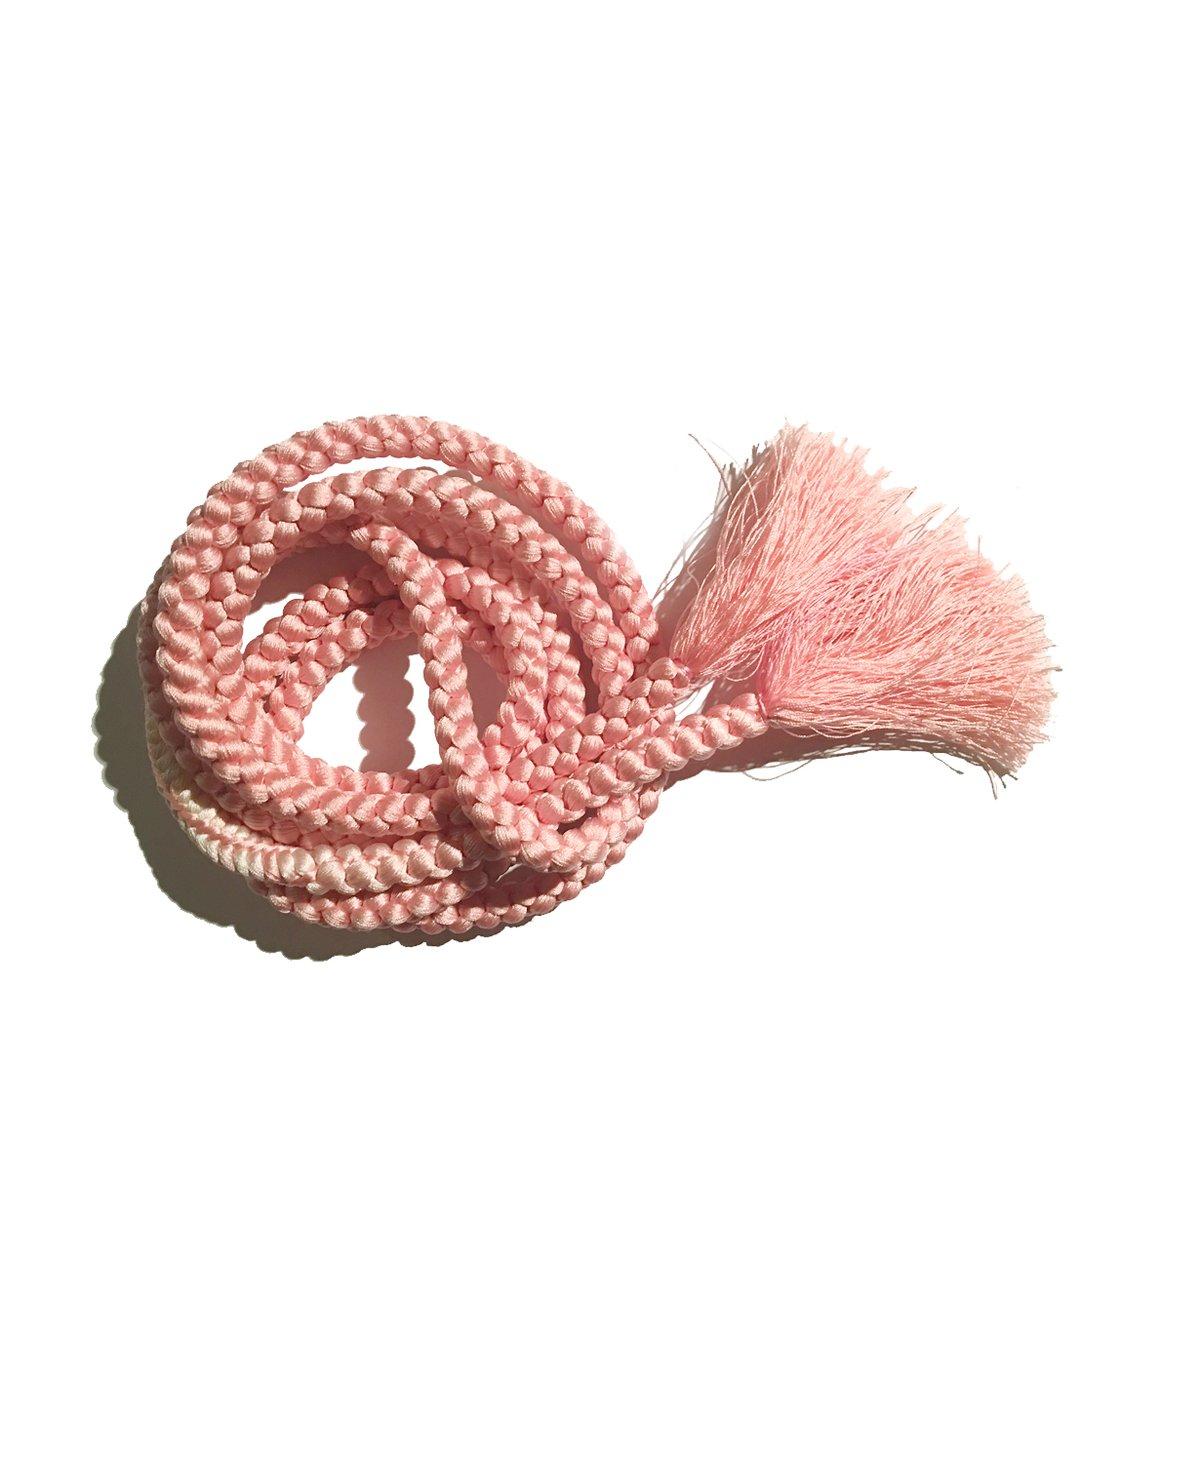 Image of Rosa bælte af silke